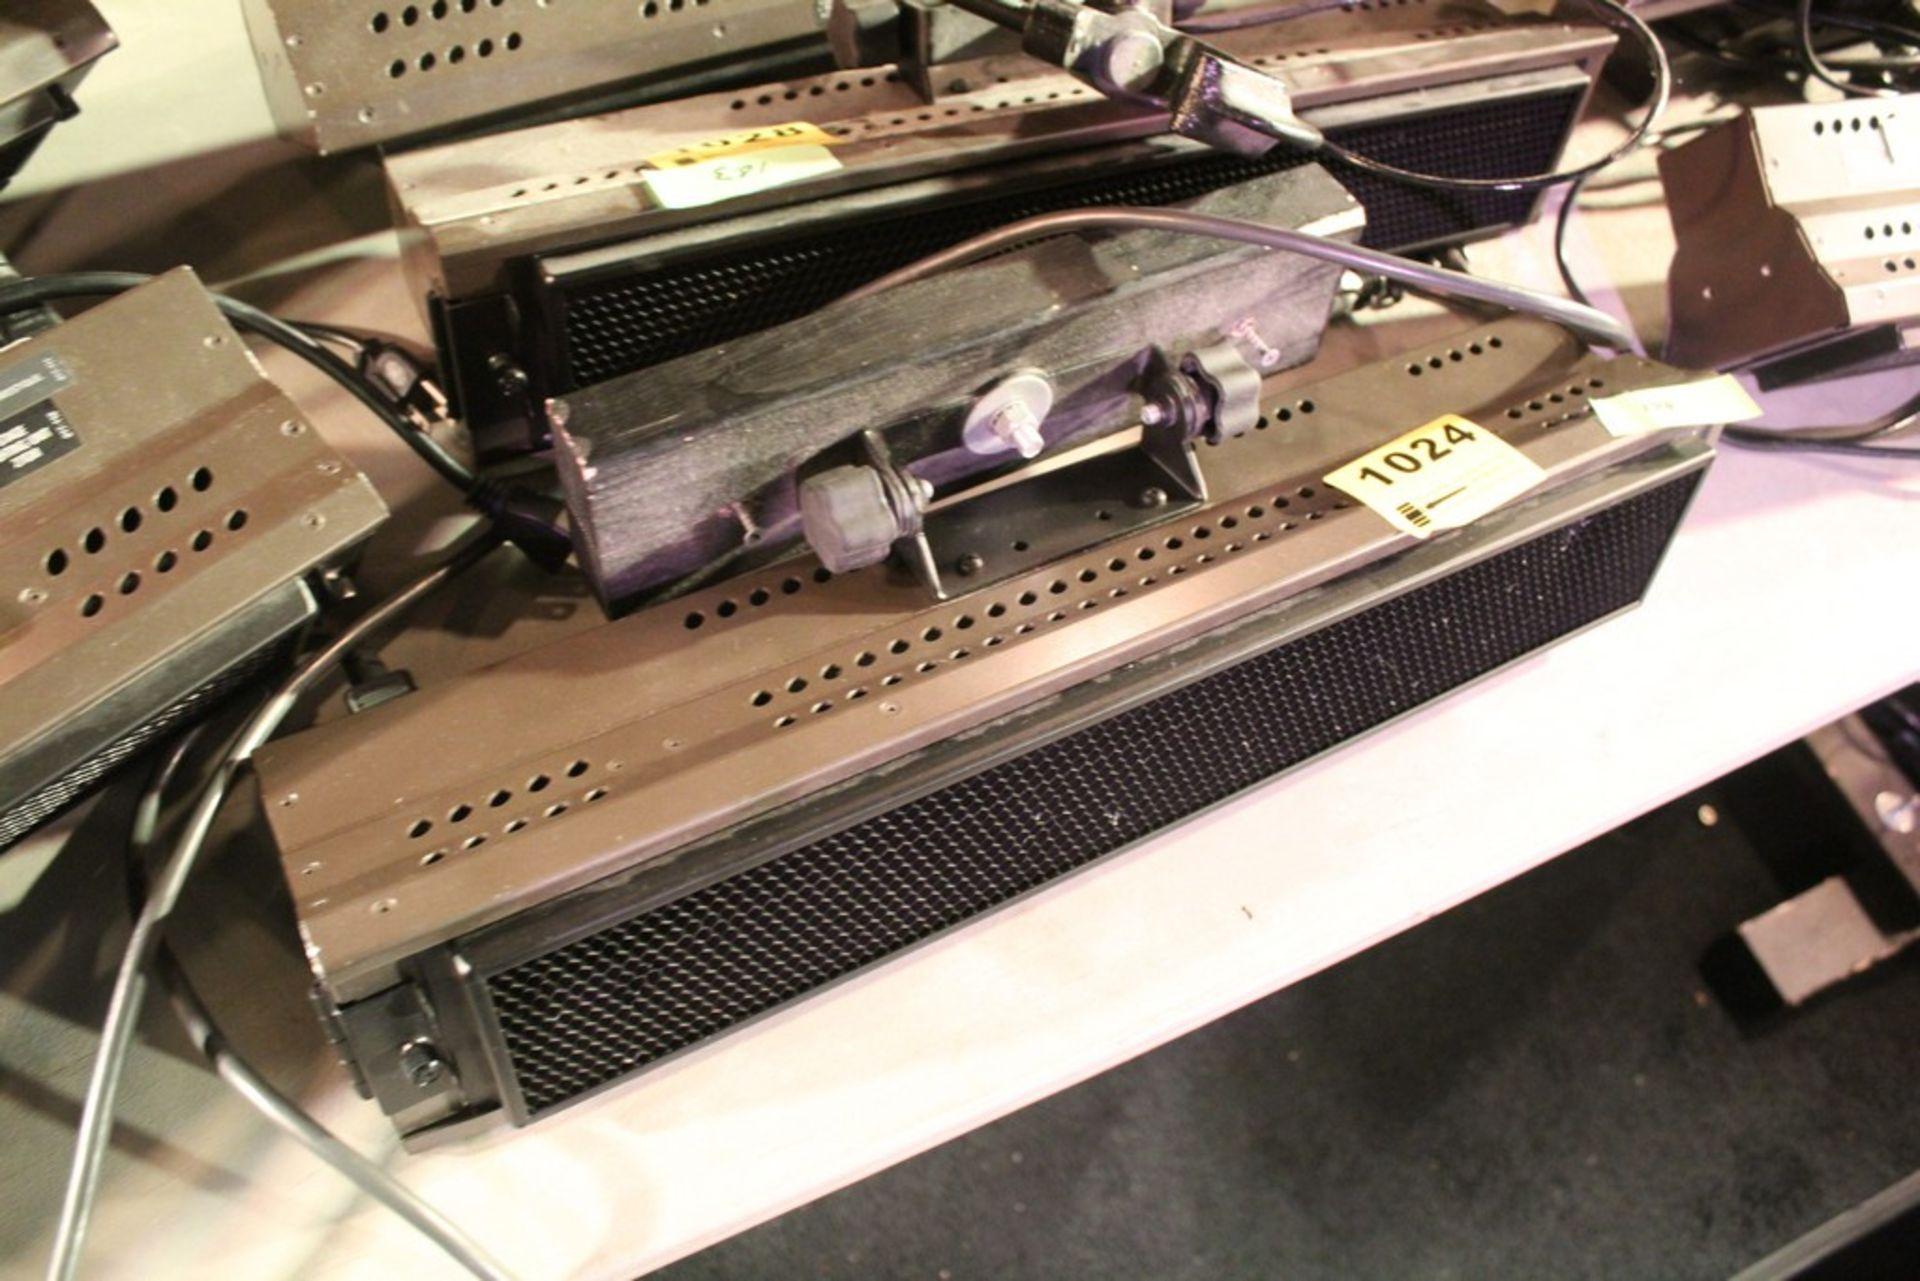 Lot 1024 - BRIGHTLINE MODEL 1.1D 10 AMP STAGE LIGHT SERIES 1 DMX LIGHT